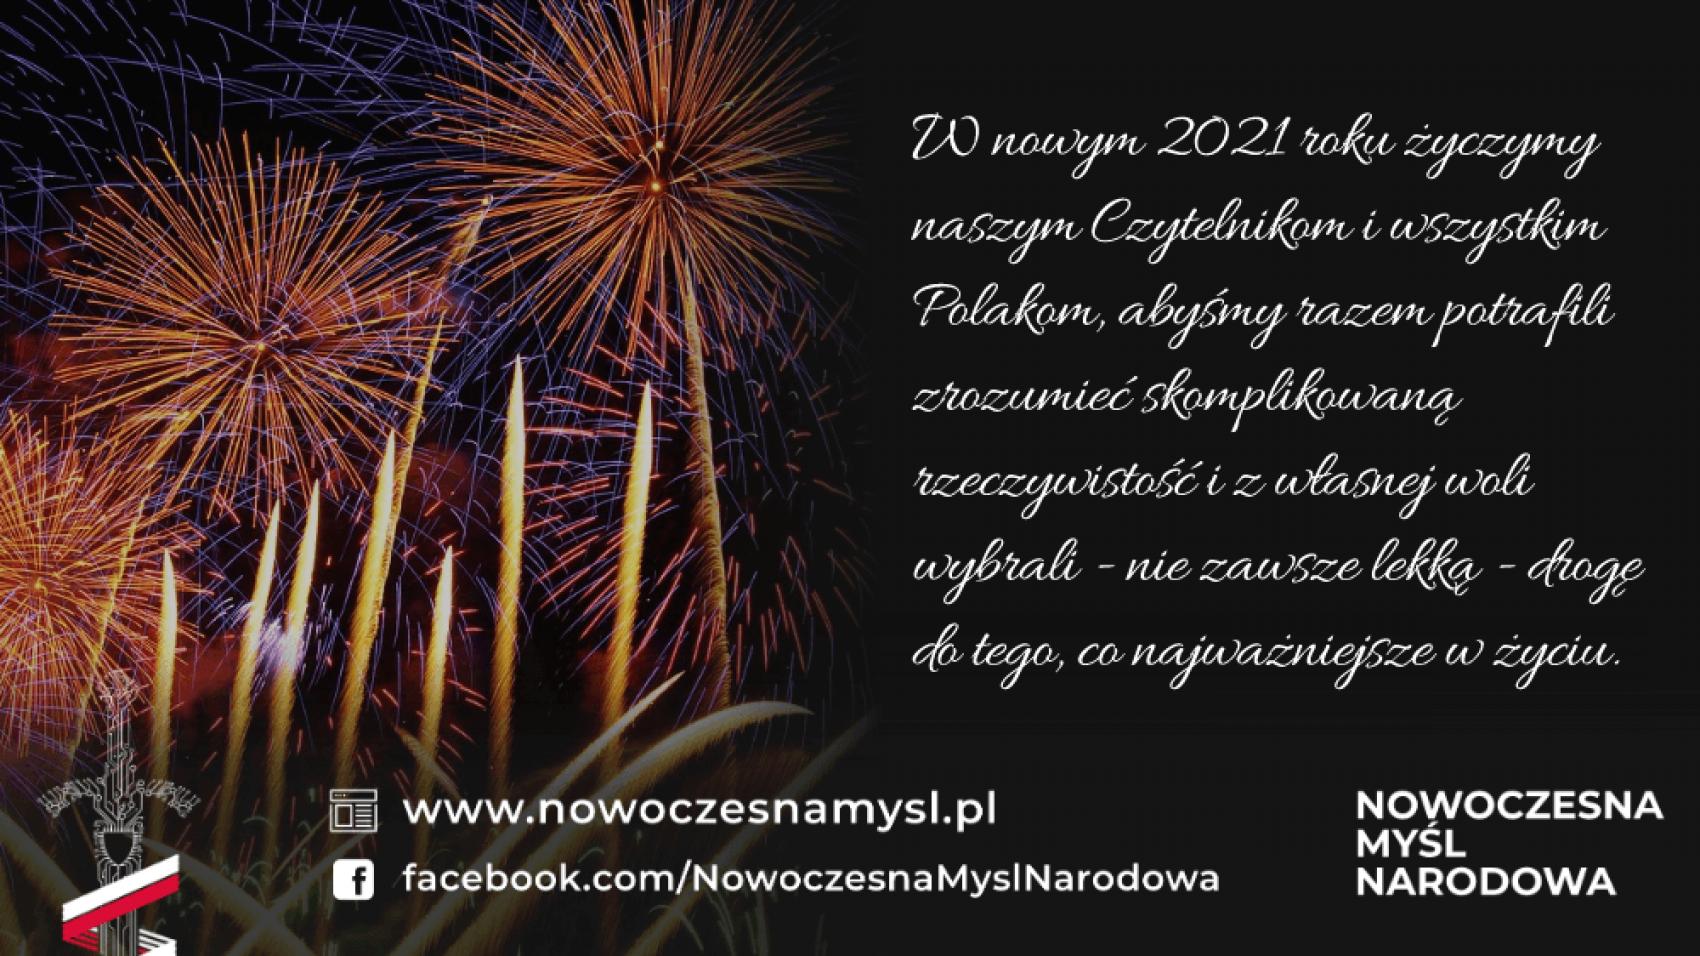 Życzenia 2021